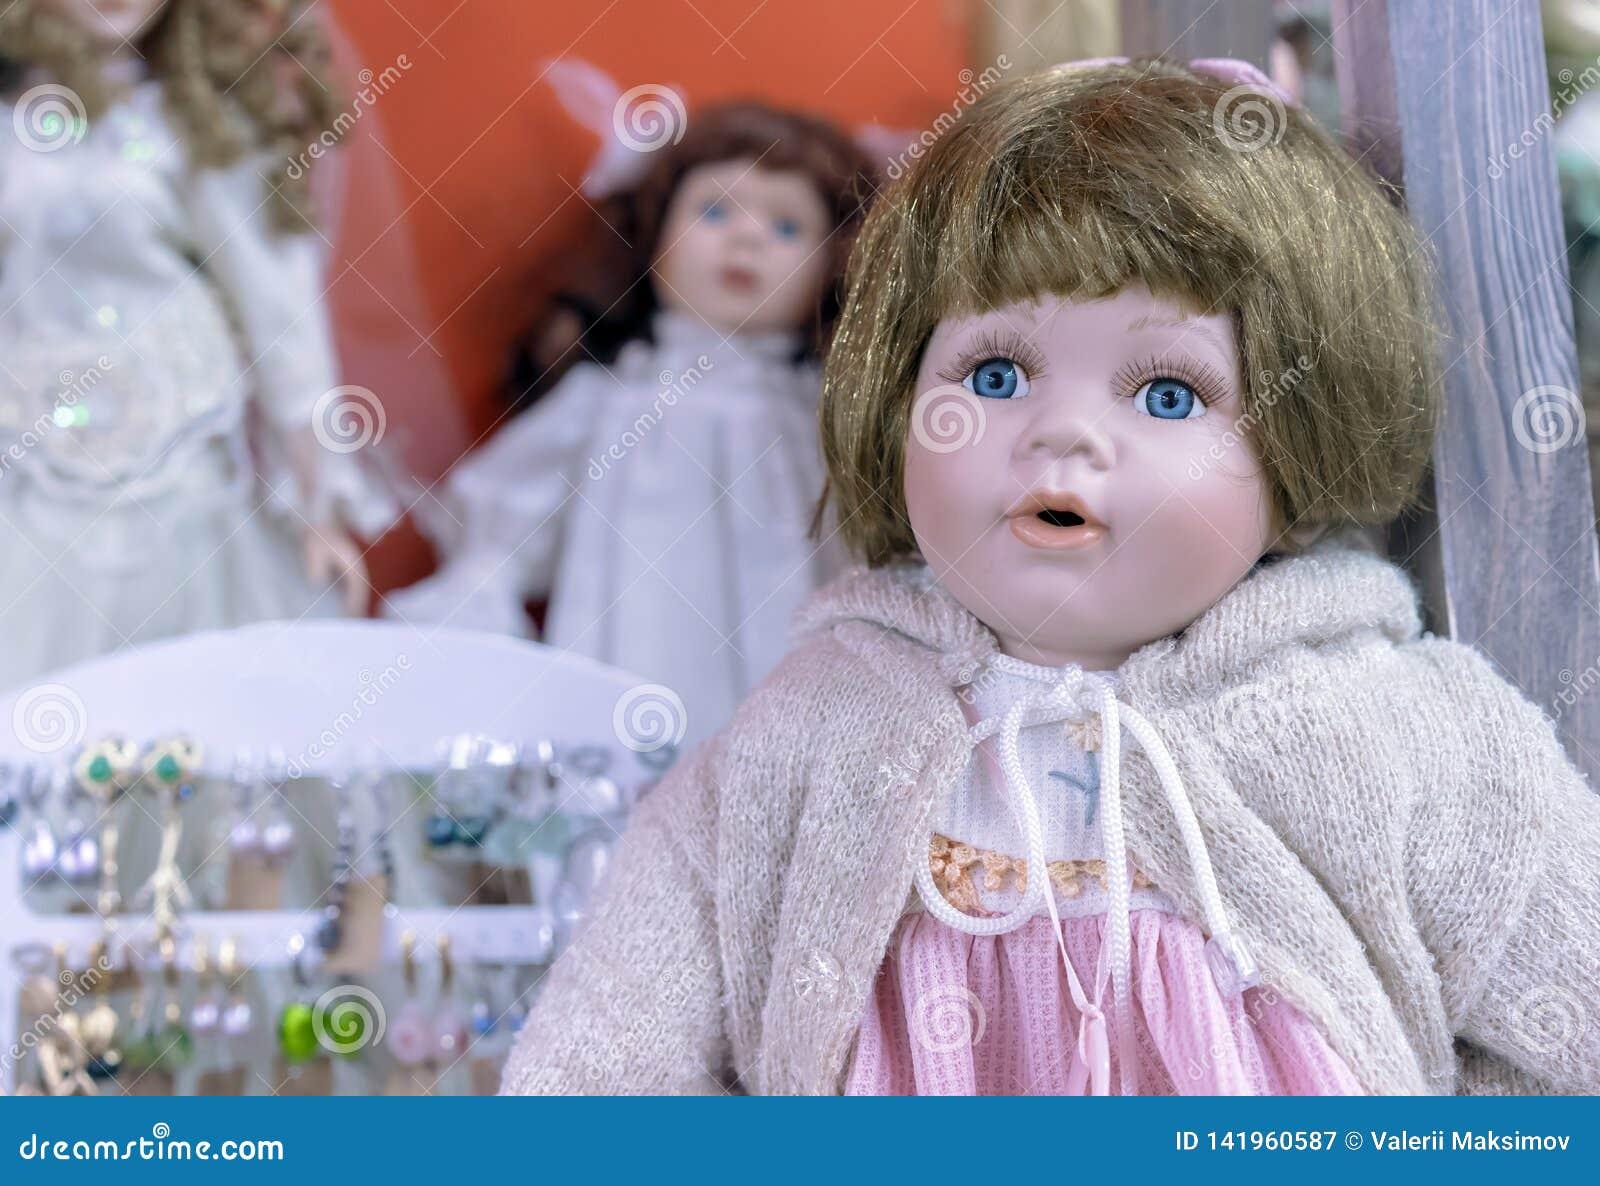 Реалистическая куколка с голубыми глазами в бежевом свитере и розовом платье